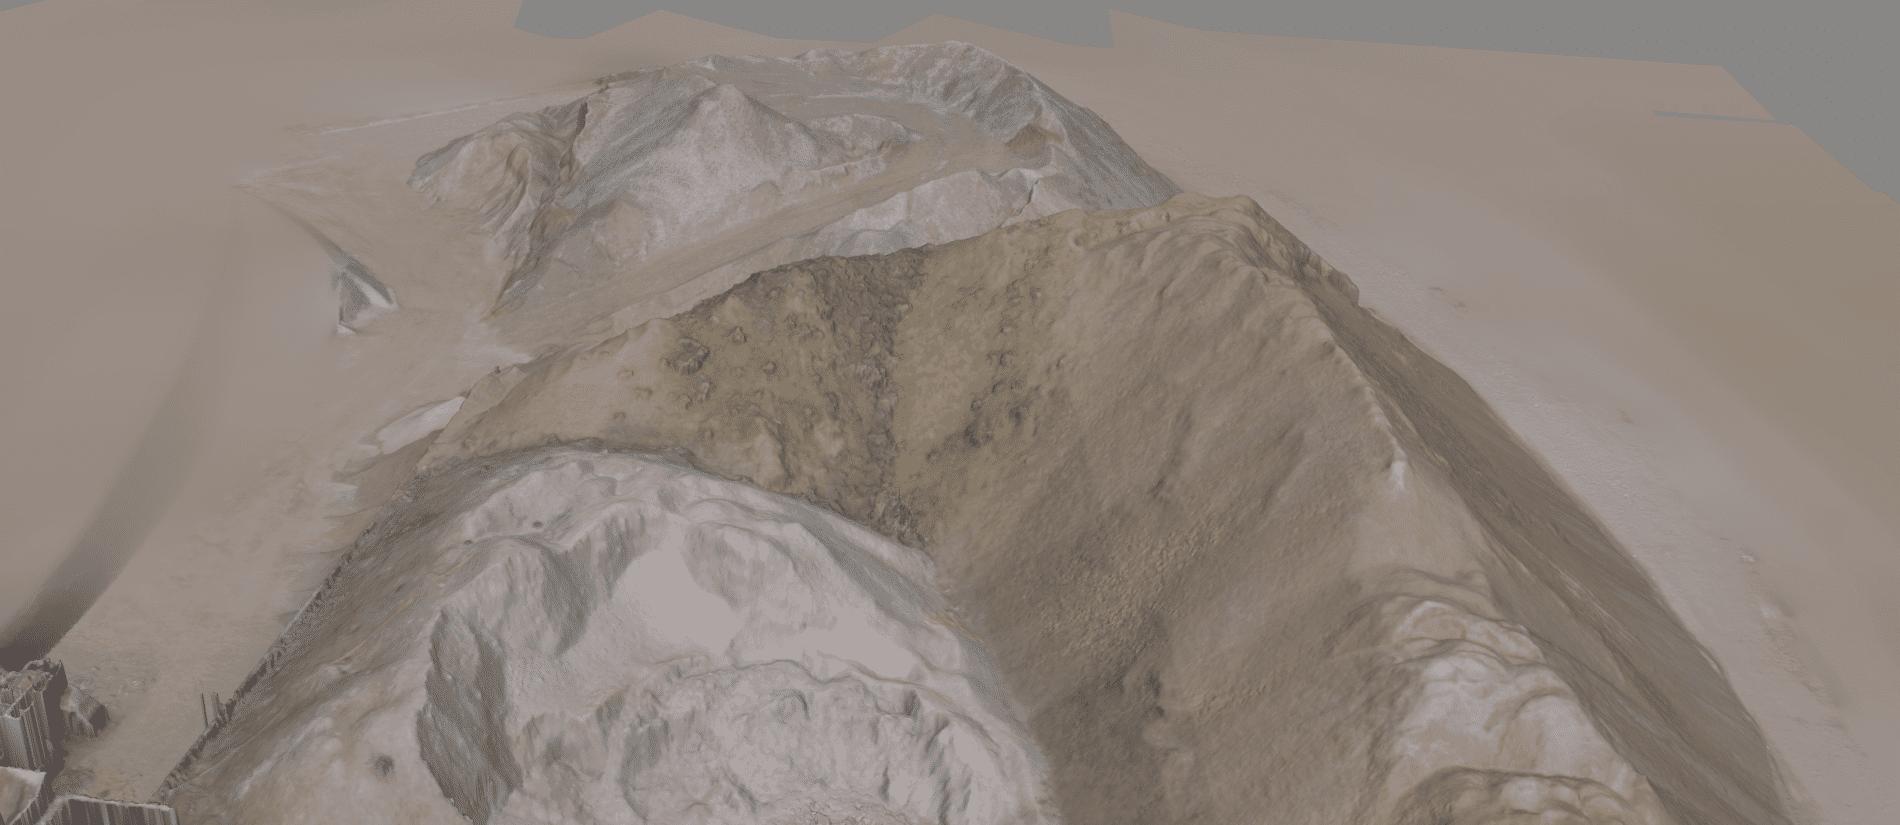 Ausschnitt-Punktwolke-Massenbestimmung-mit-Drohne-durch-3D-Vermessung